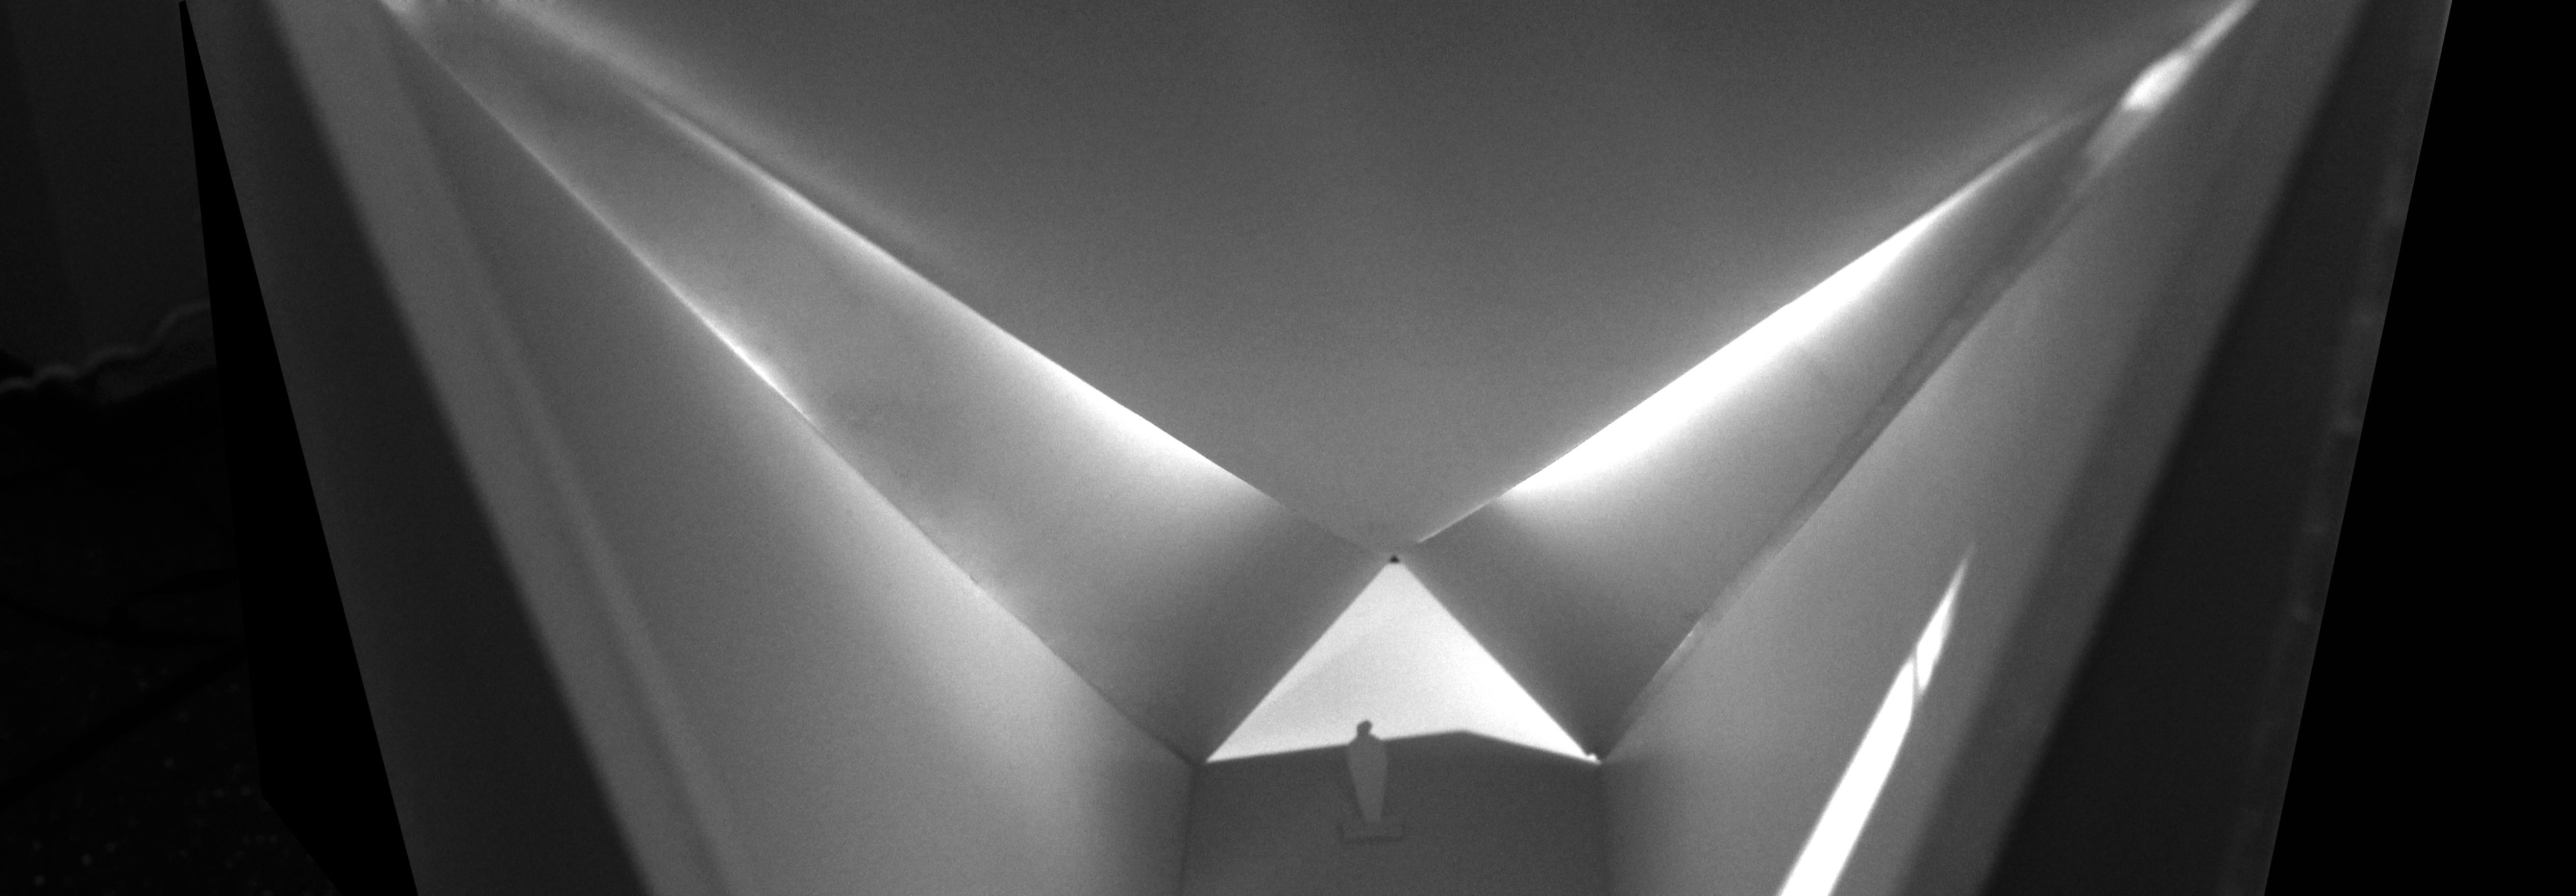 Light Effect(Meditation room)冥想室光影